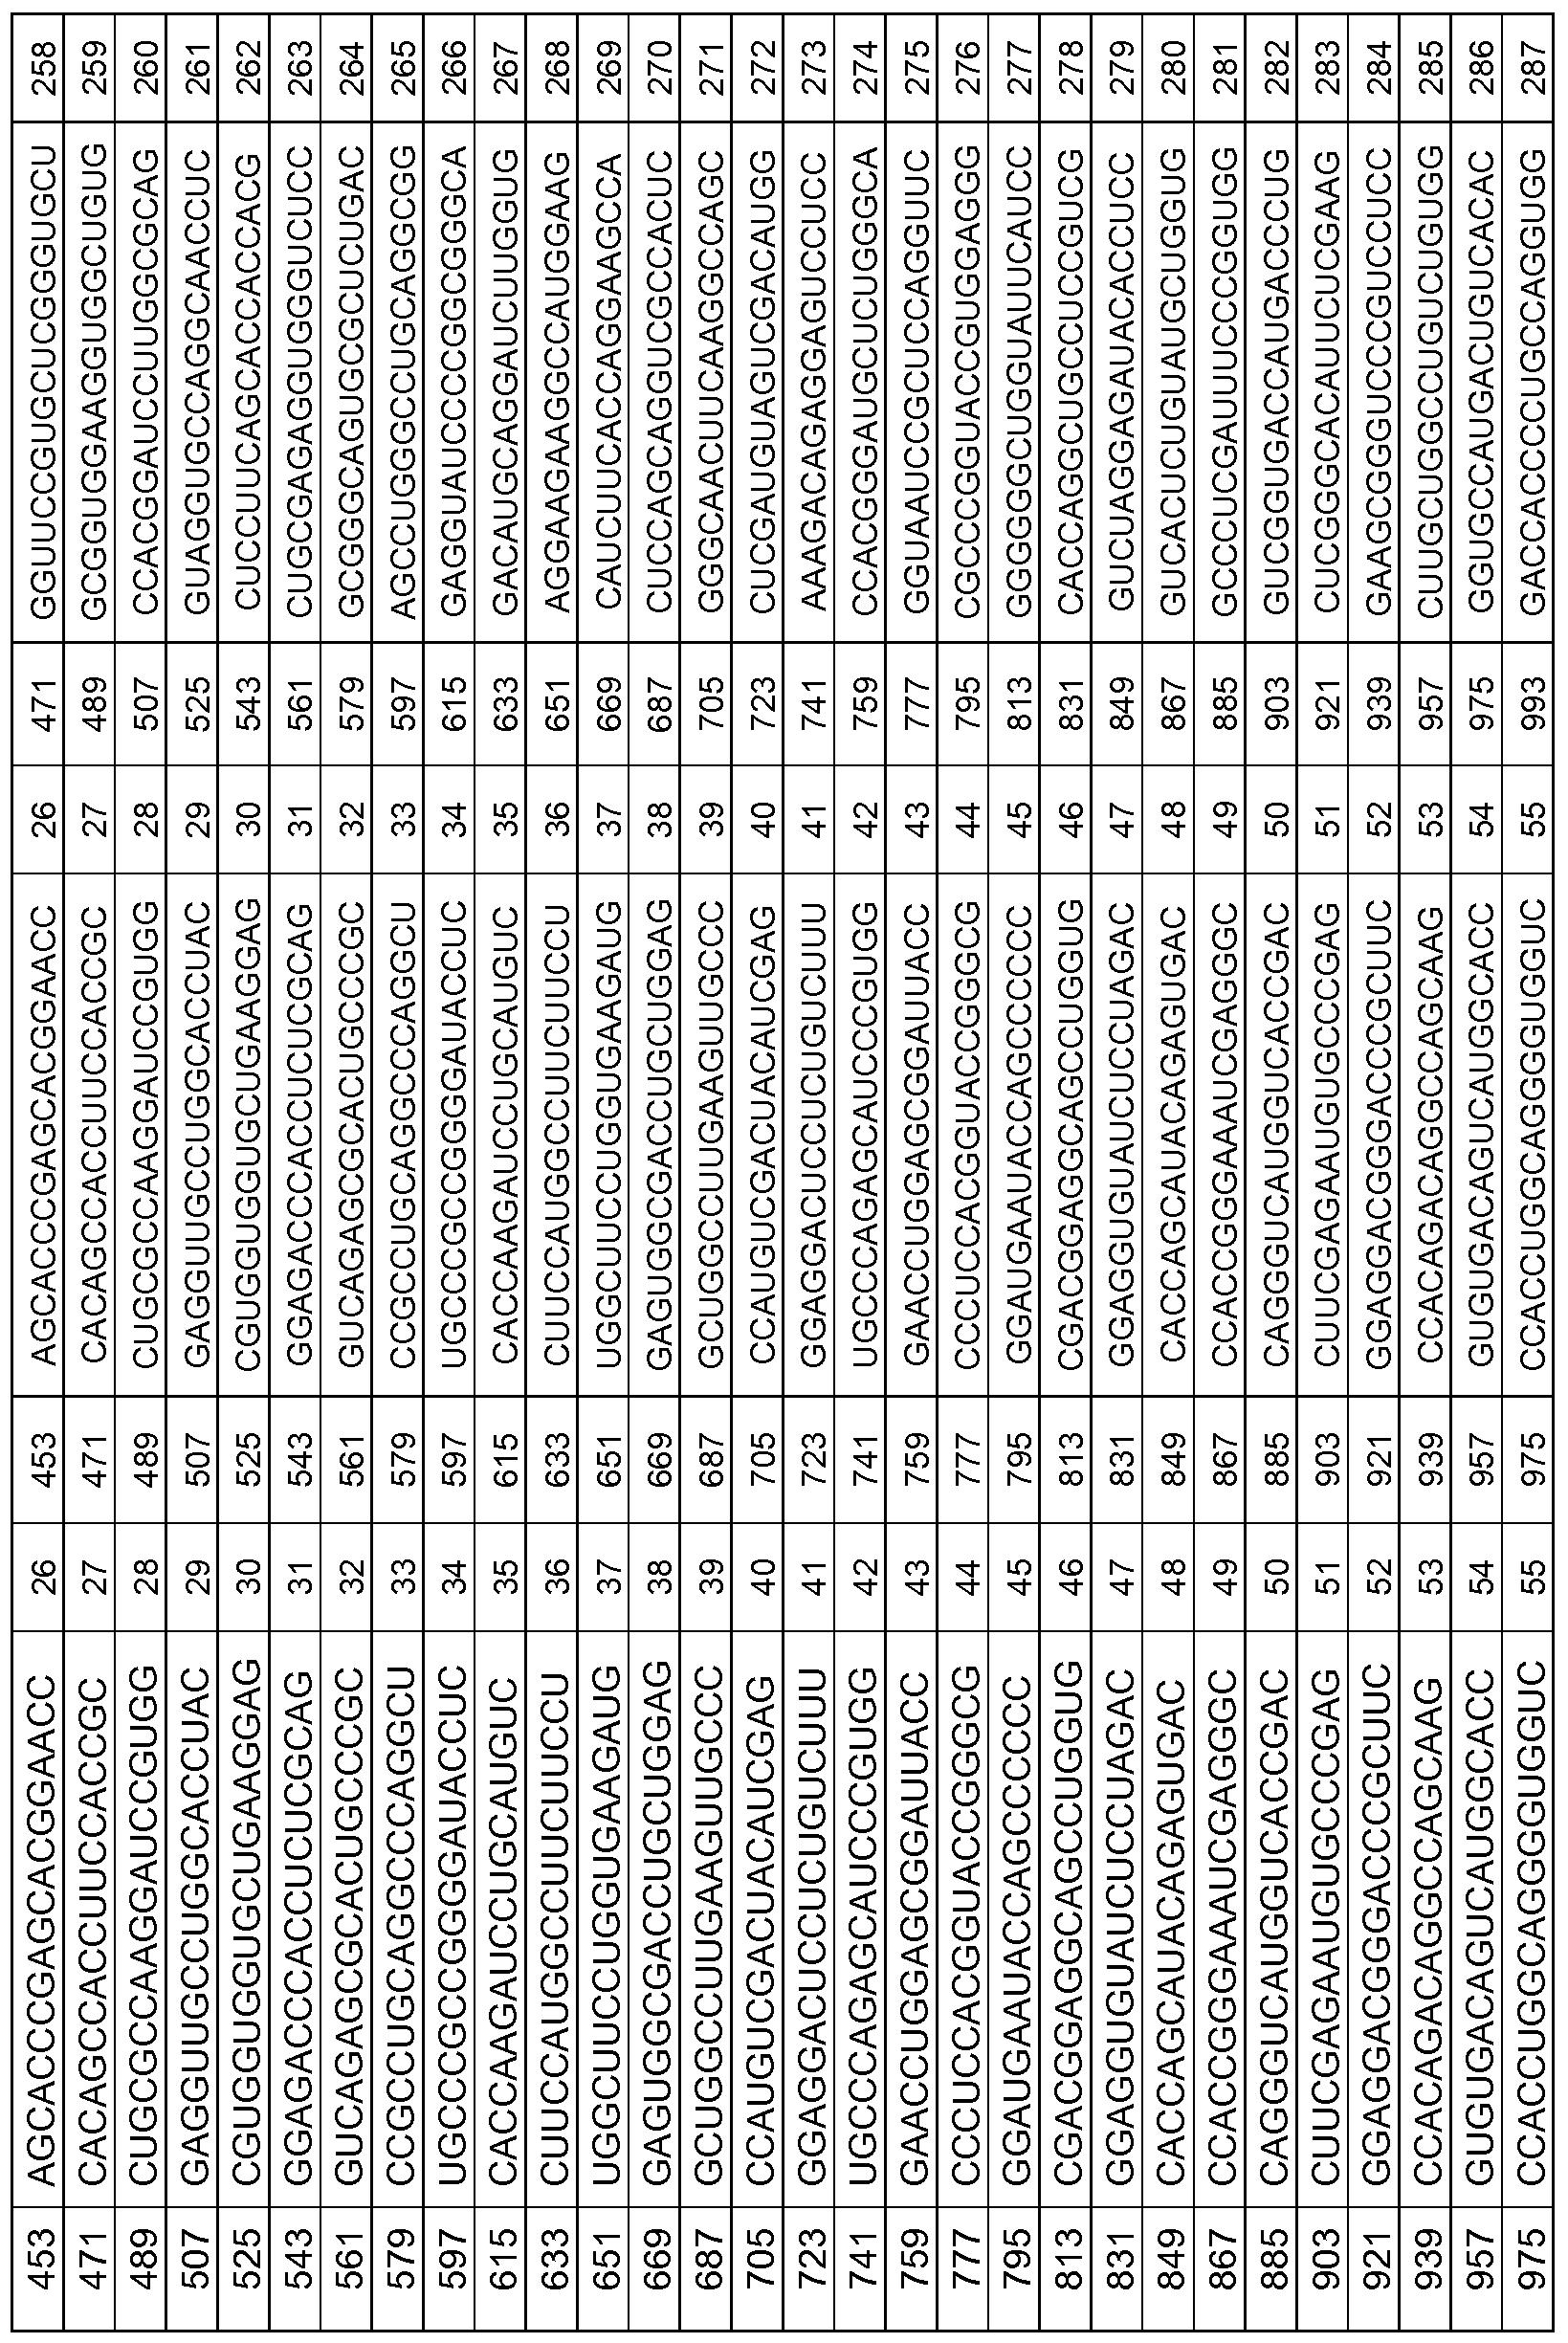 Figure imgf000310_0001